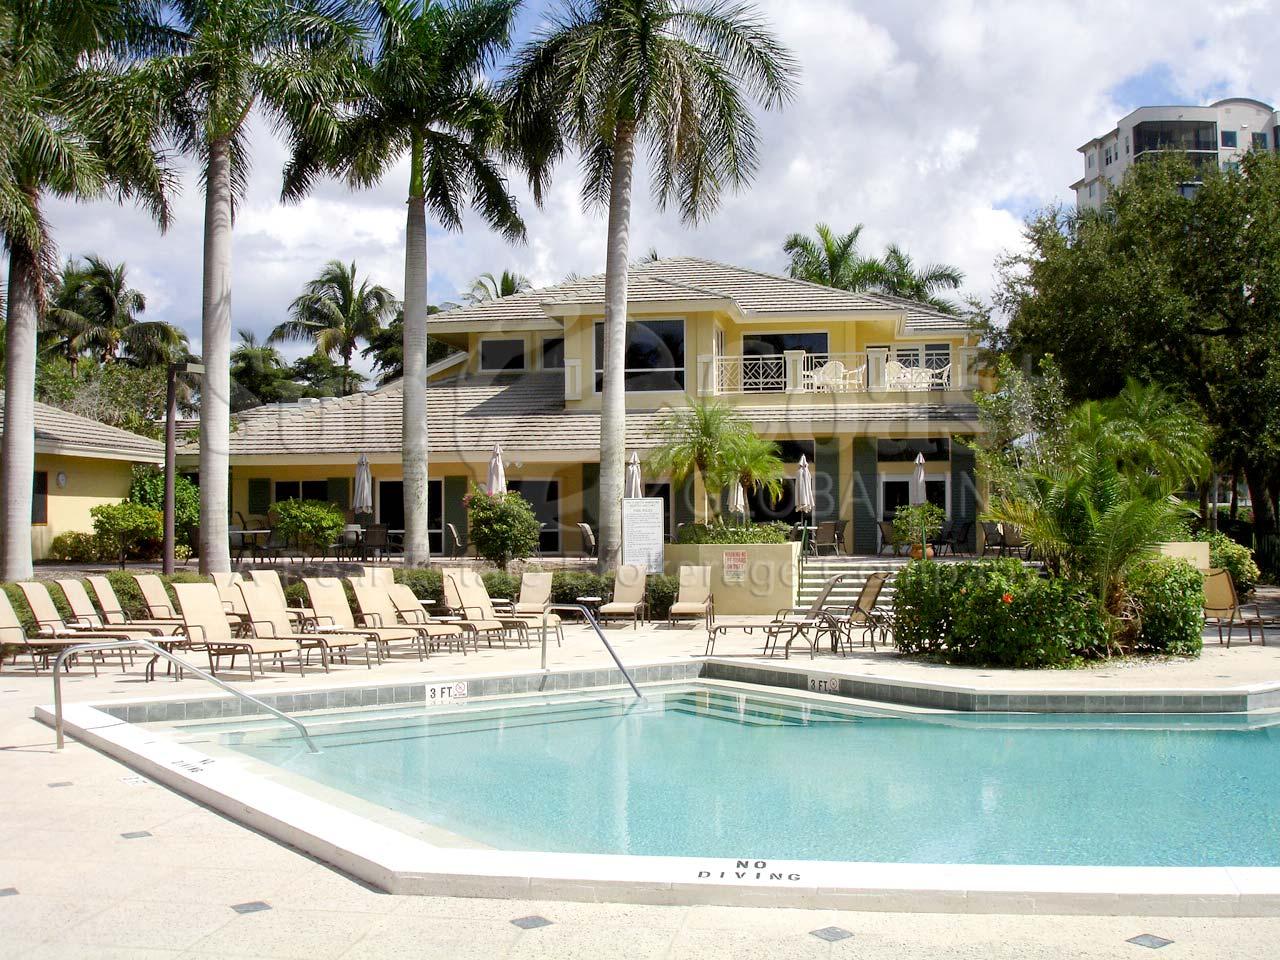 tarpon bay naples florida annual rental - photo#26